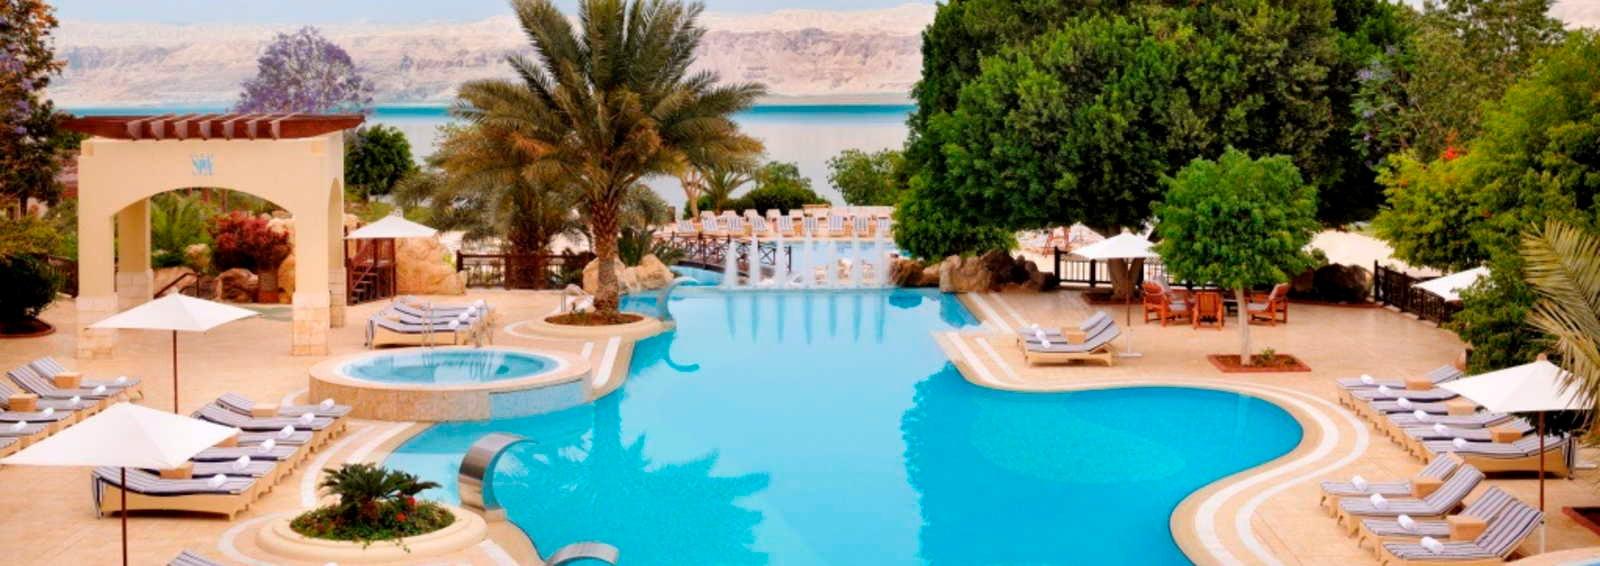 The 5 star Marriott Dead Sea Resort, Jordan